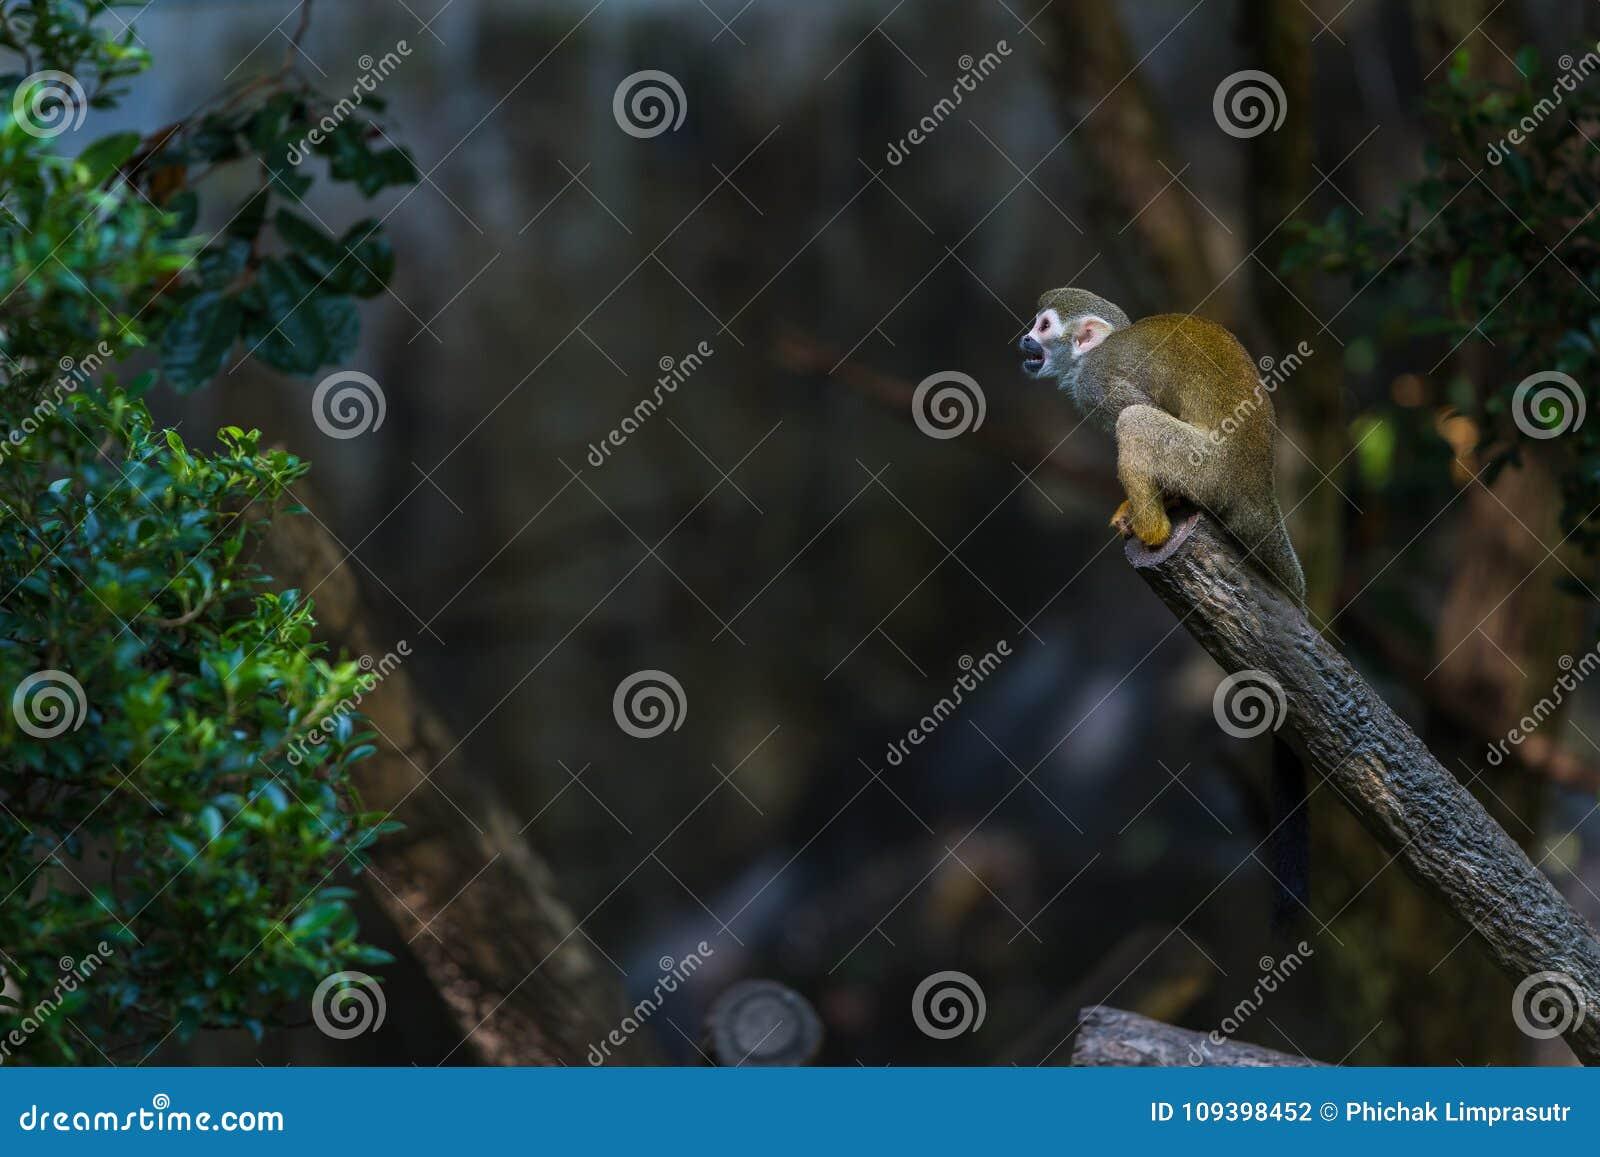 Les singes-écureuils sont des singes du nouveau monde du genre Saimiri